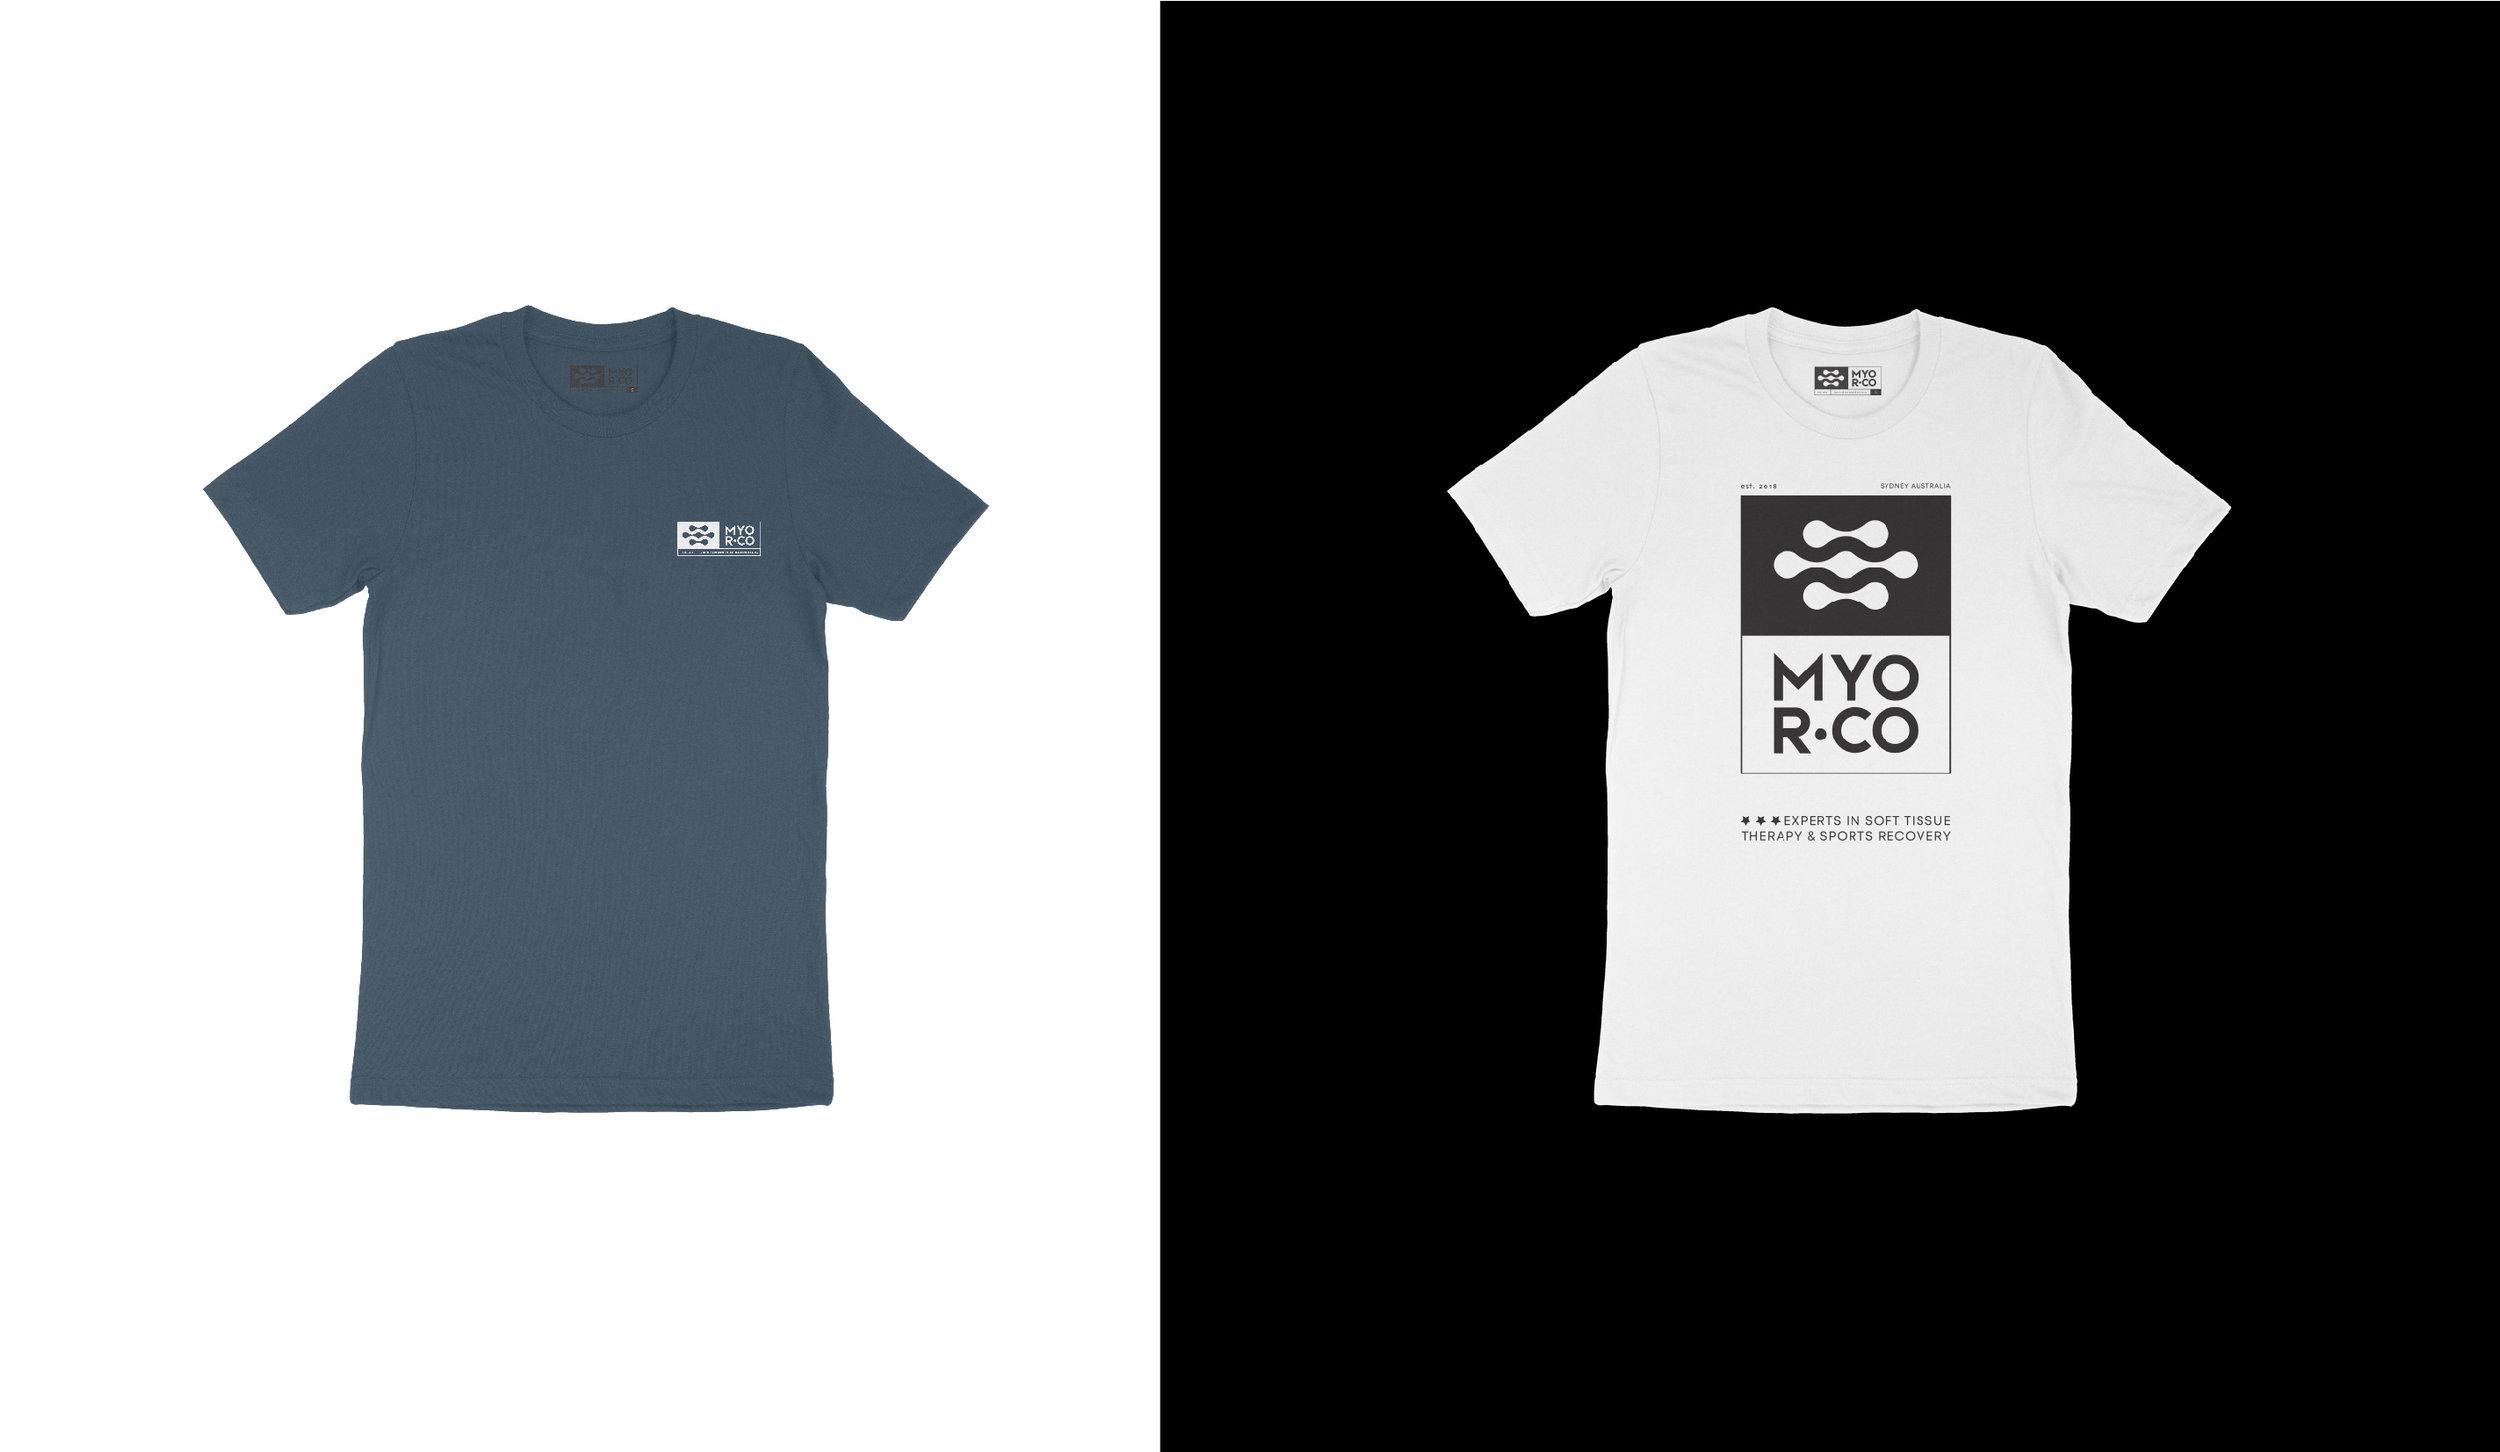 myo_tshirts-01.jpg